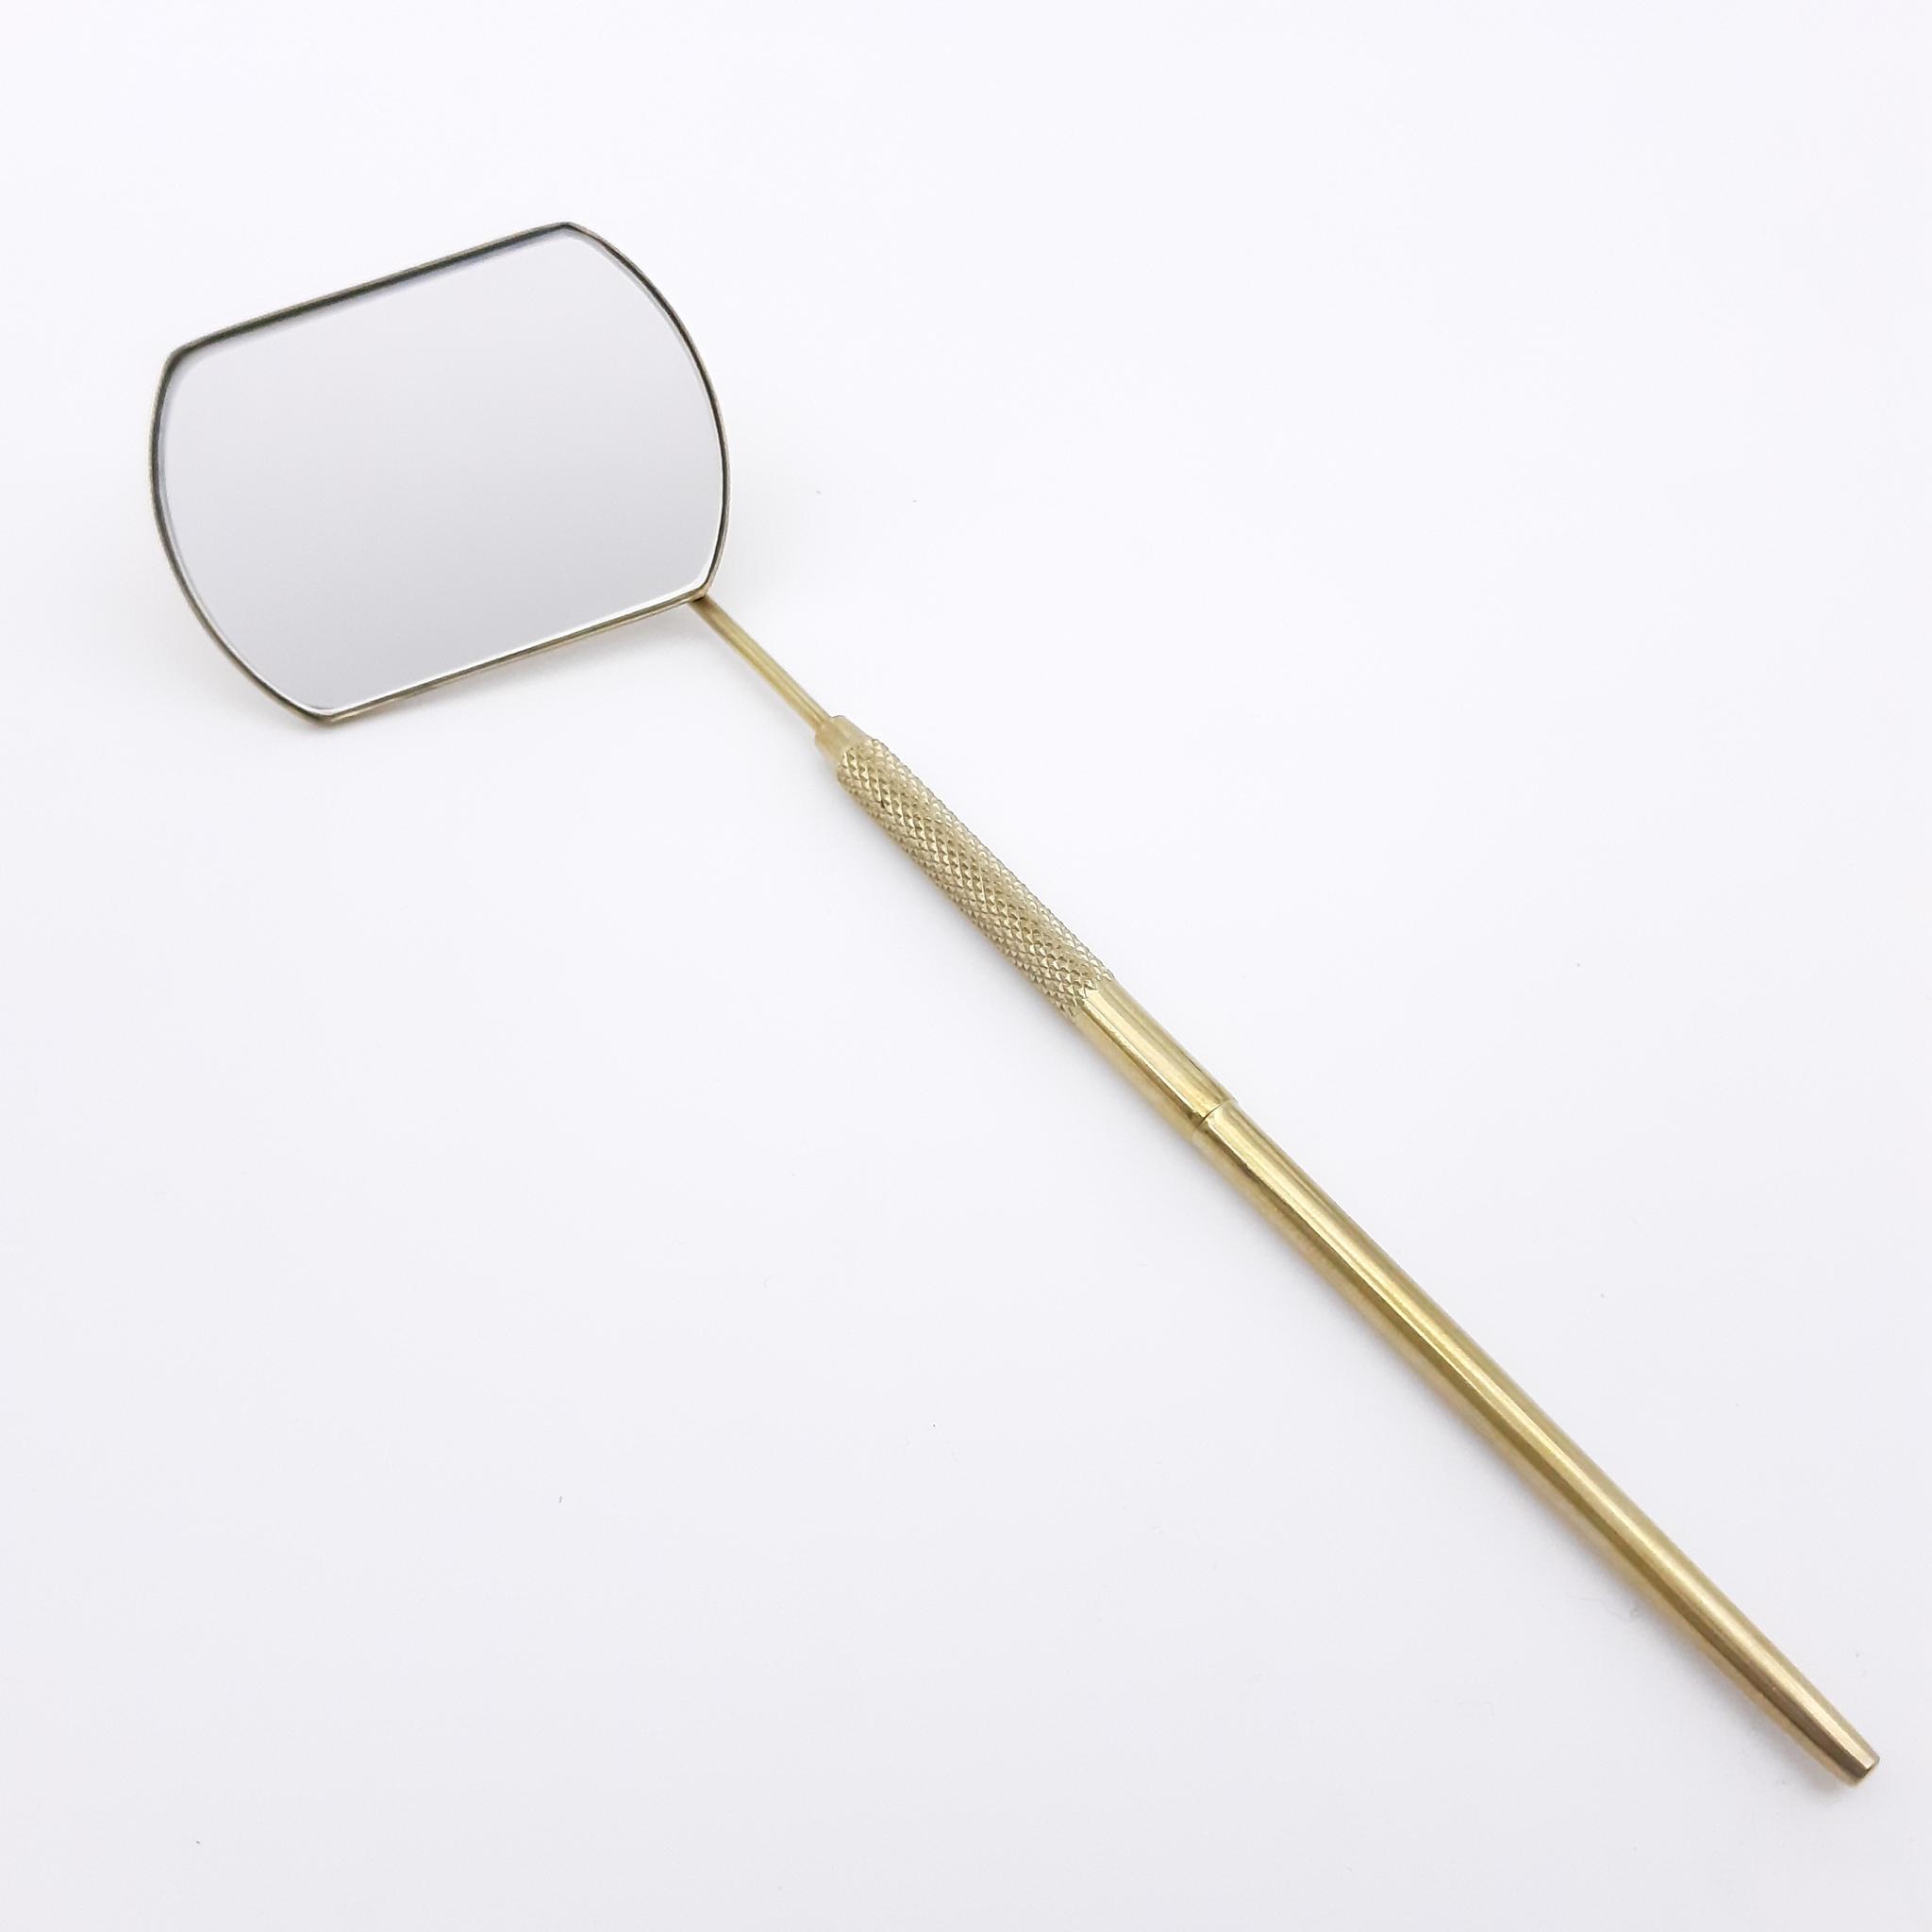 Зеркала для наращивания ресниц Зеркало для наращивания ресниц, правша/матовое, MR-01TG MR-01TG.jpg